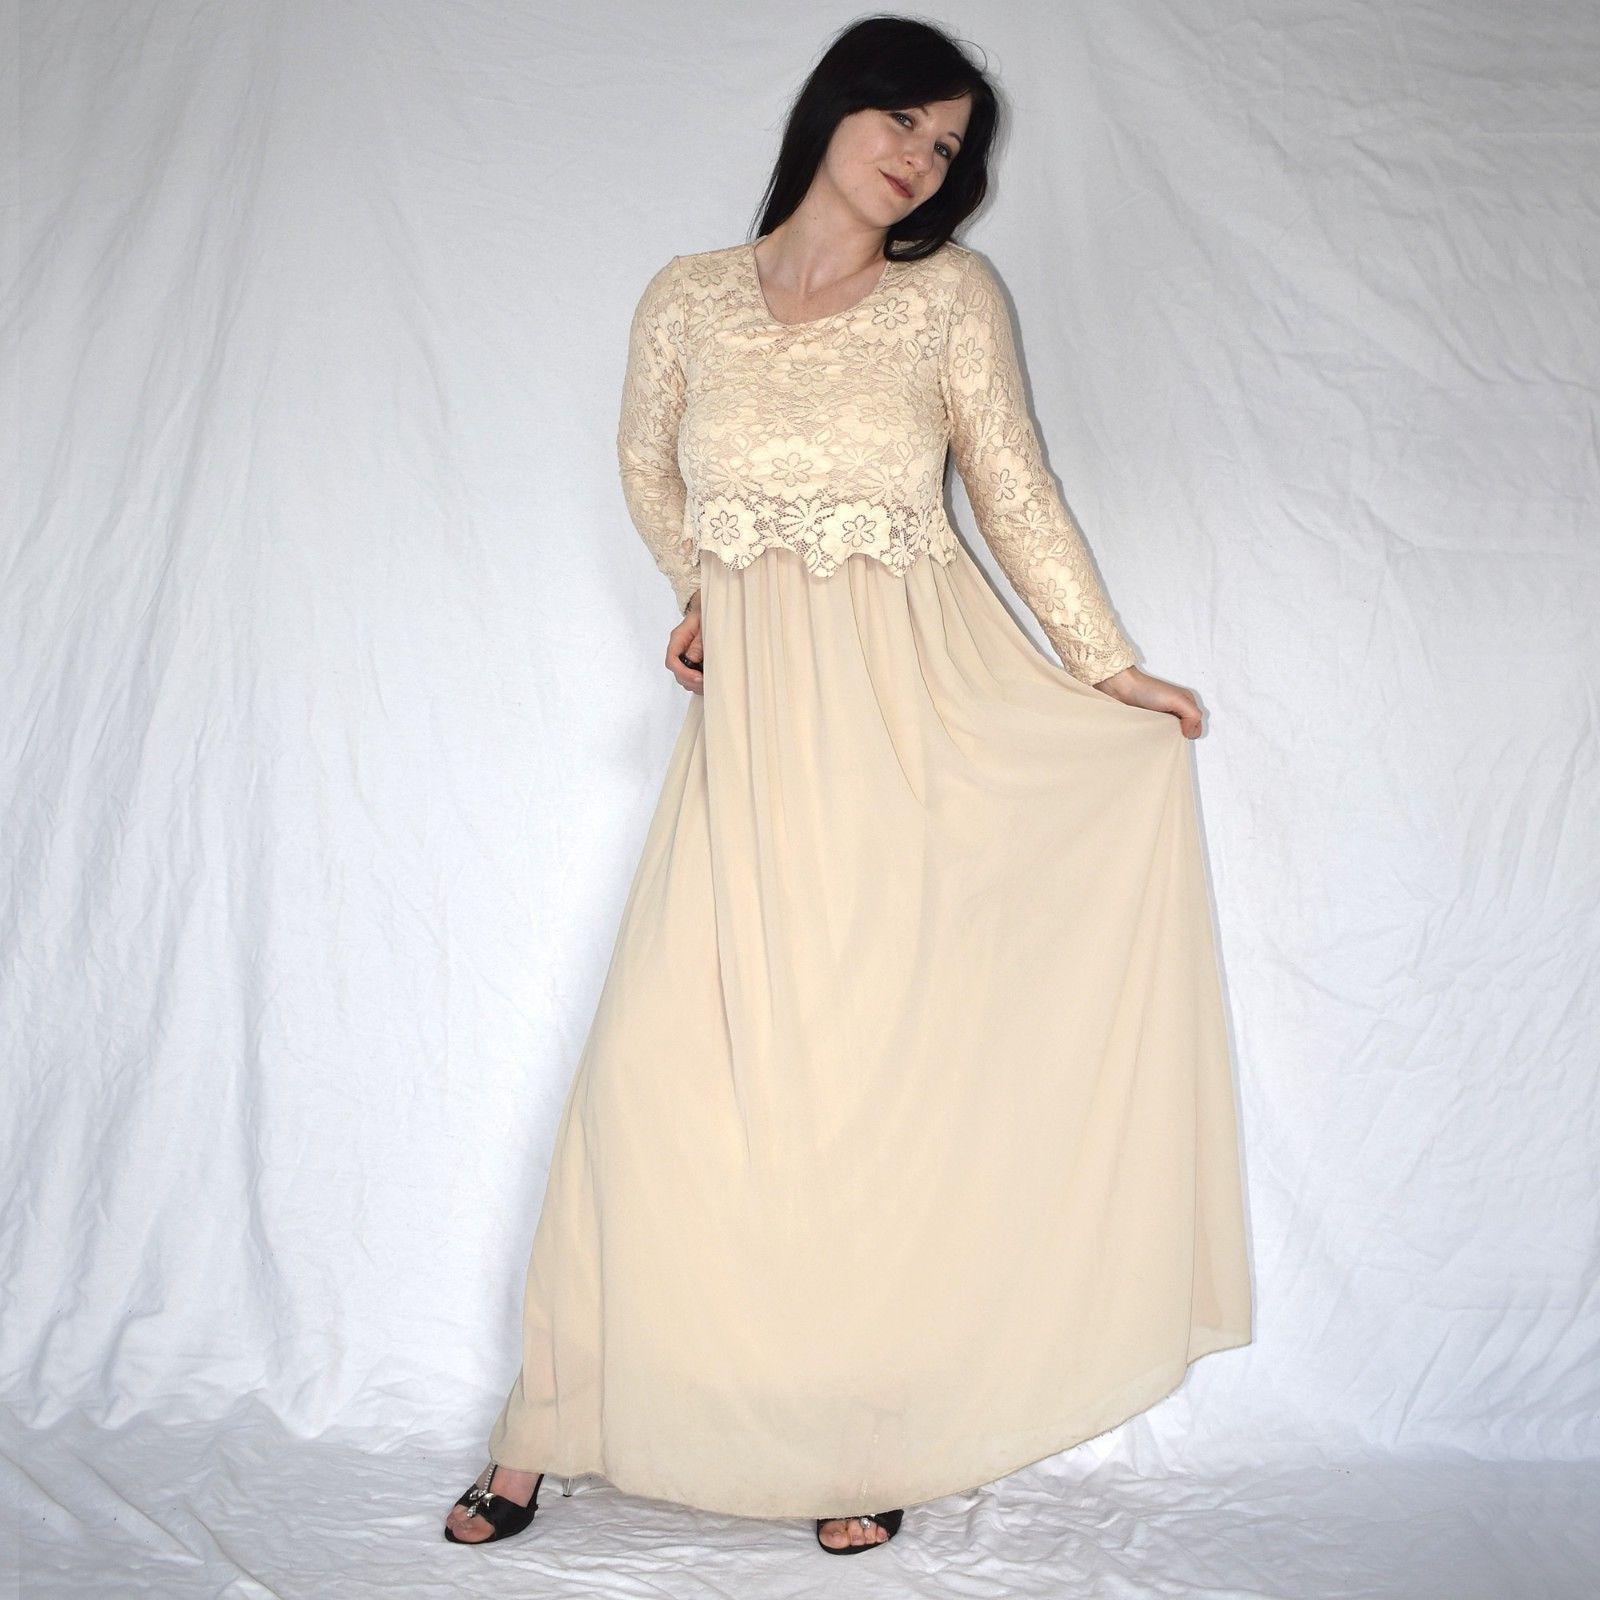 Details zu elegantes COCKTAILKLEID in beige* S Tüllkleid mit Spitze ...